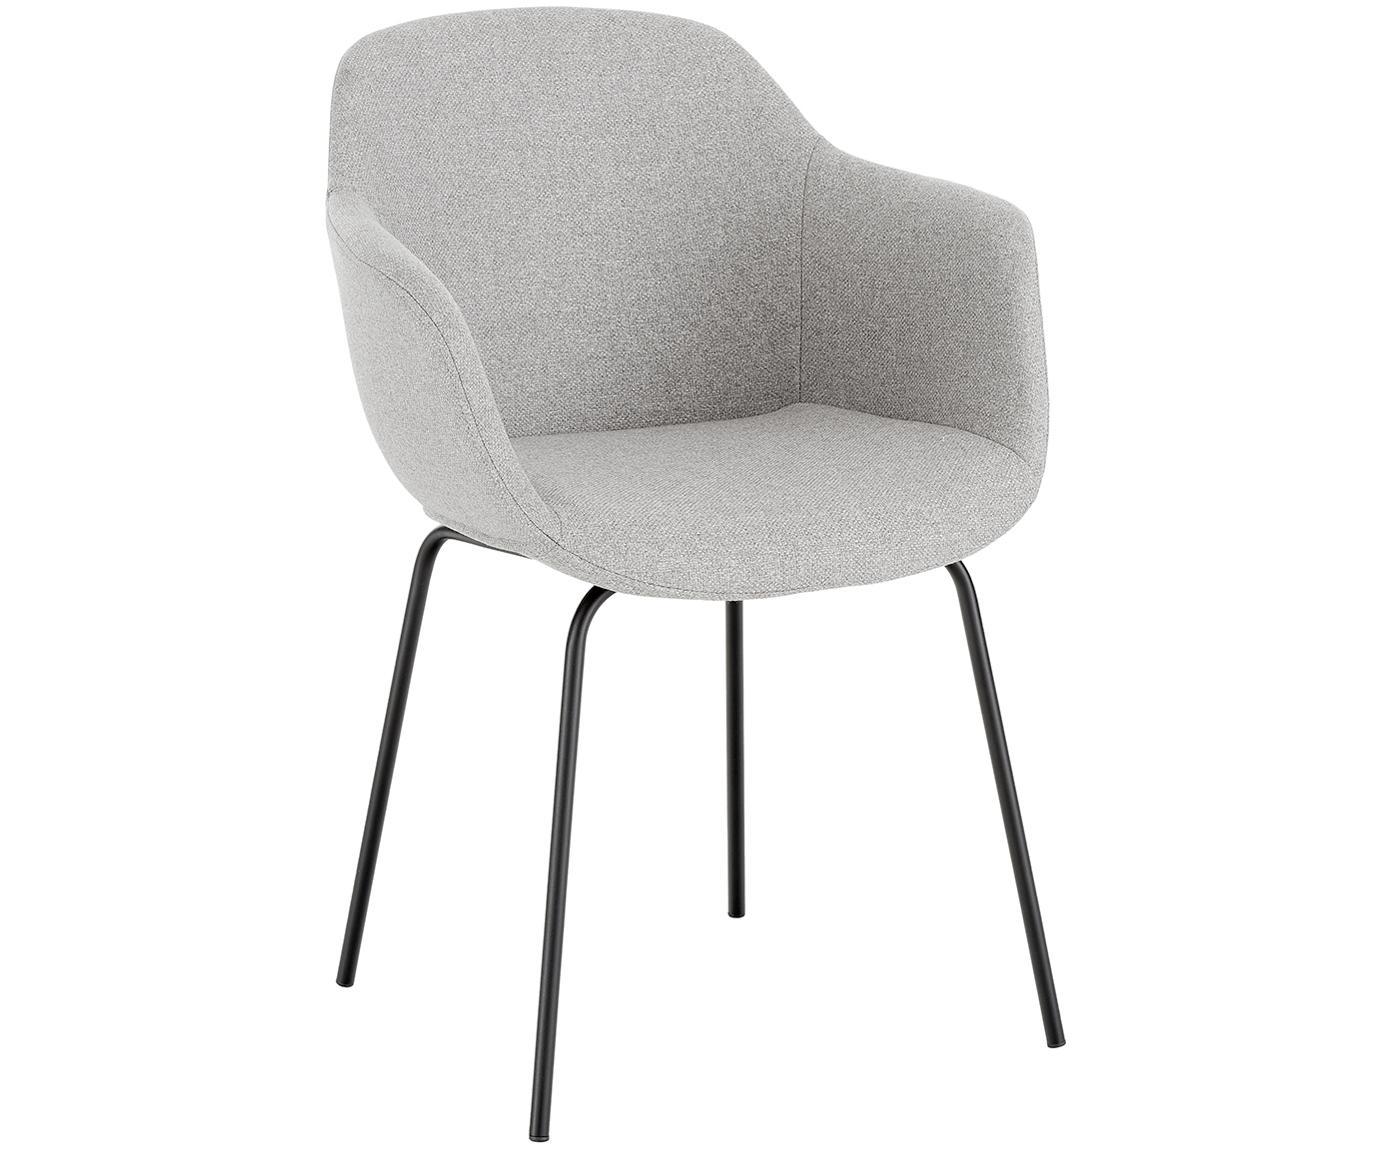 Gestoffeerde stoel Fiji met metalen poten, Bekleding: polyester, Poten: gepoedercoat metaal, Lichtgrijs, B 58 x D 56 cm